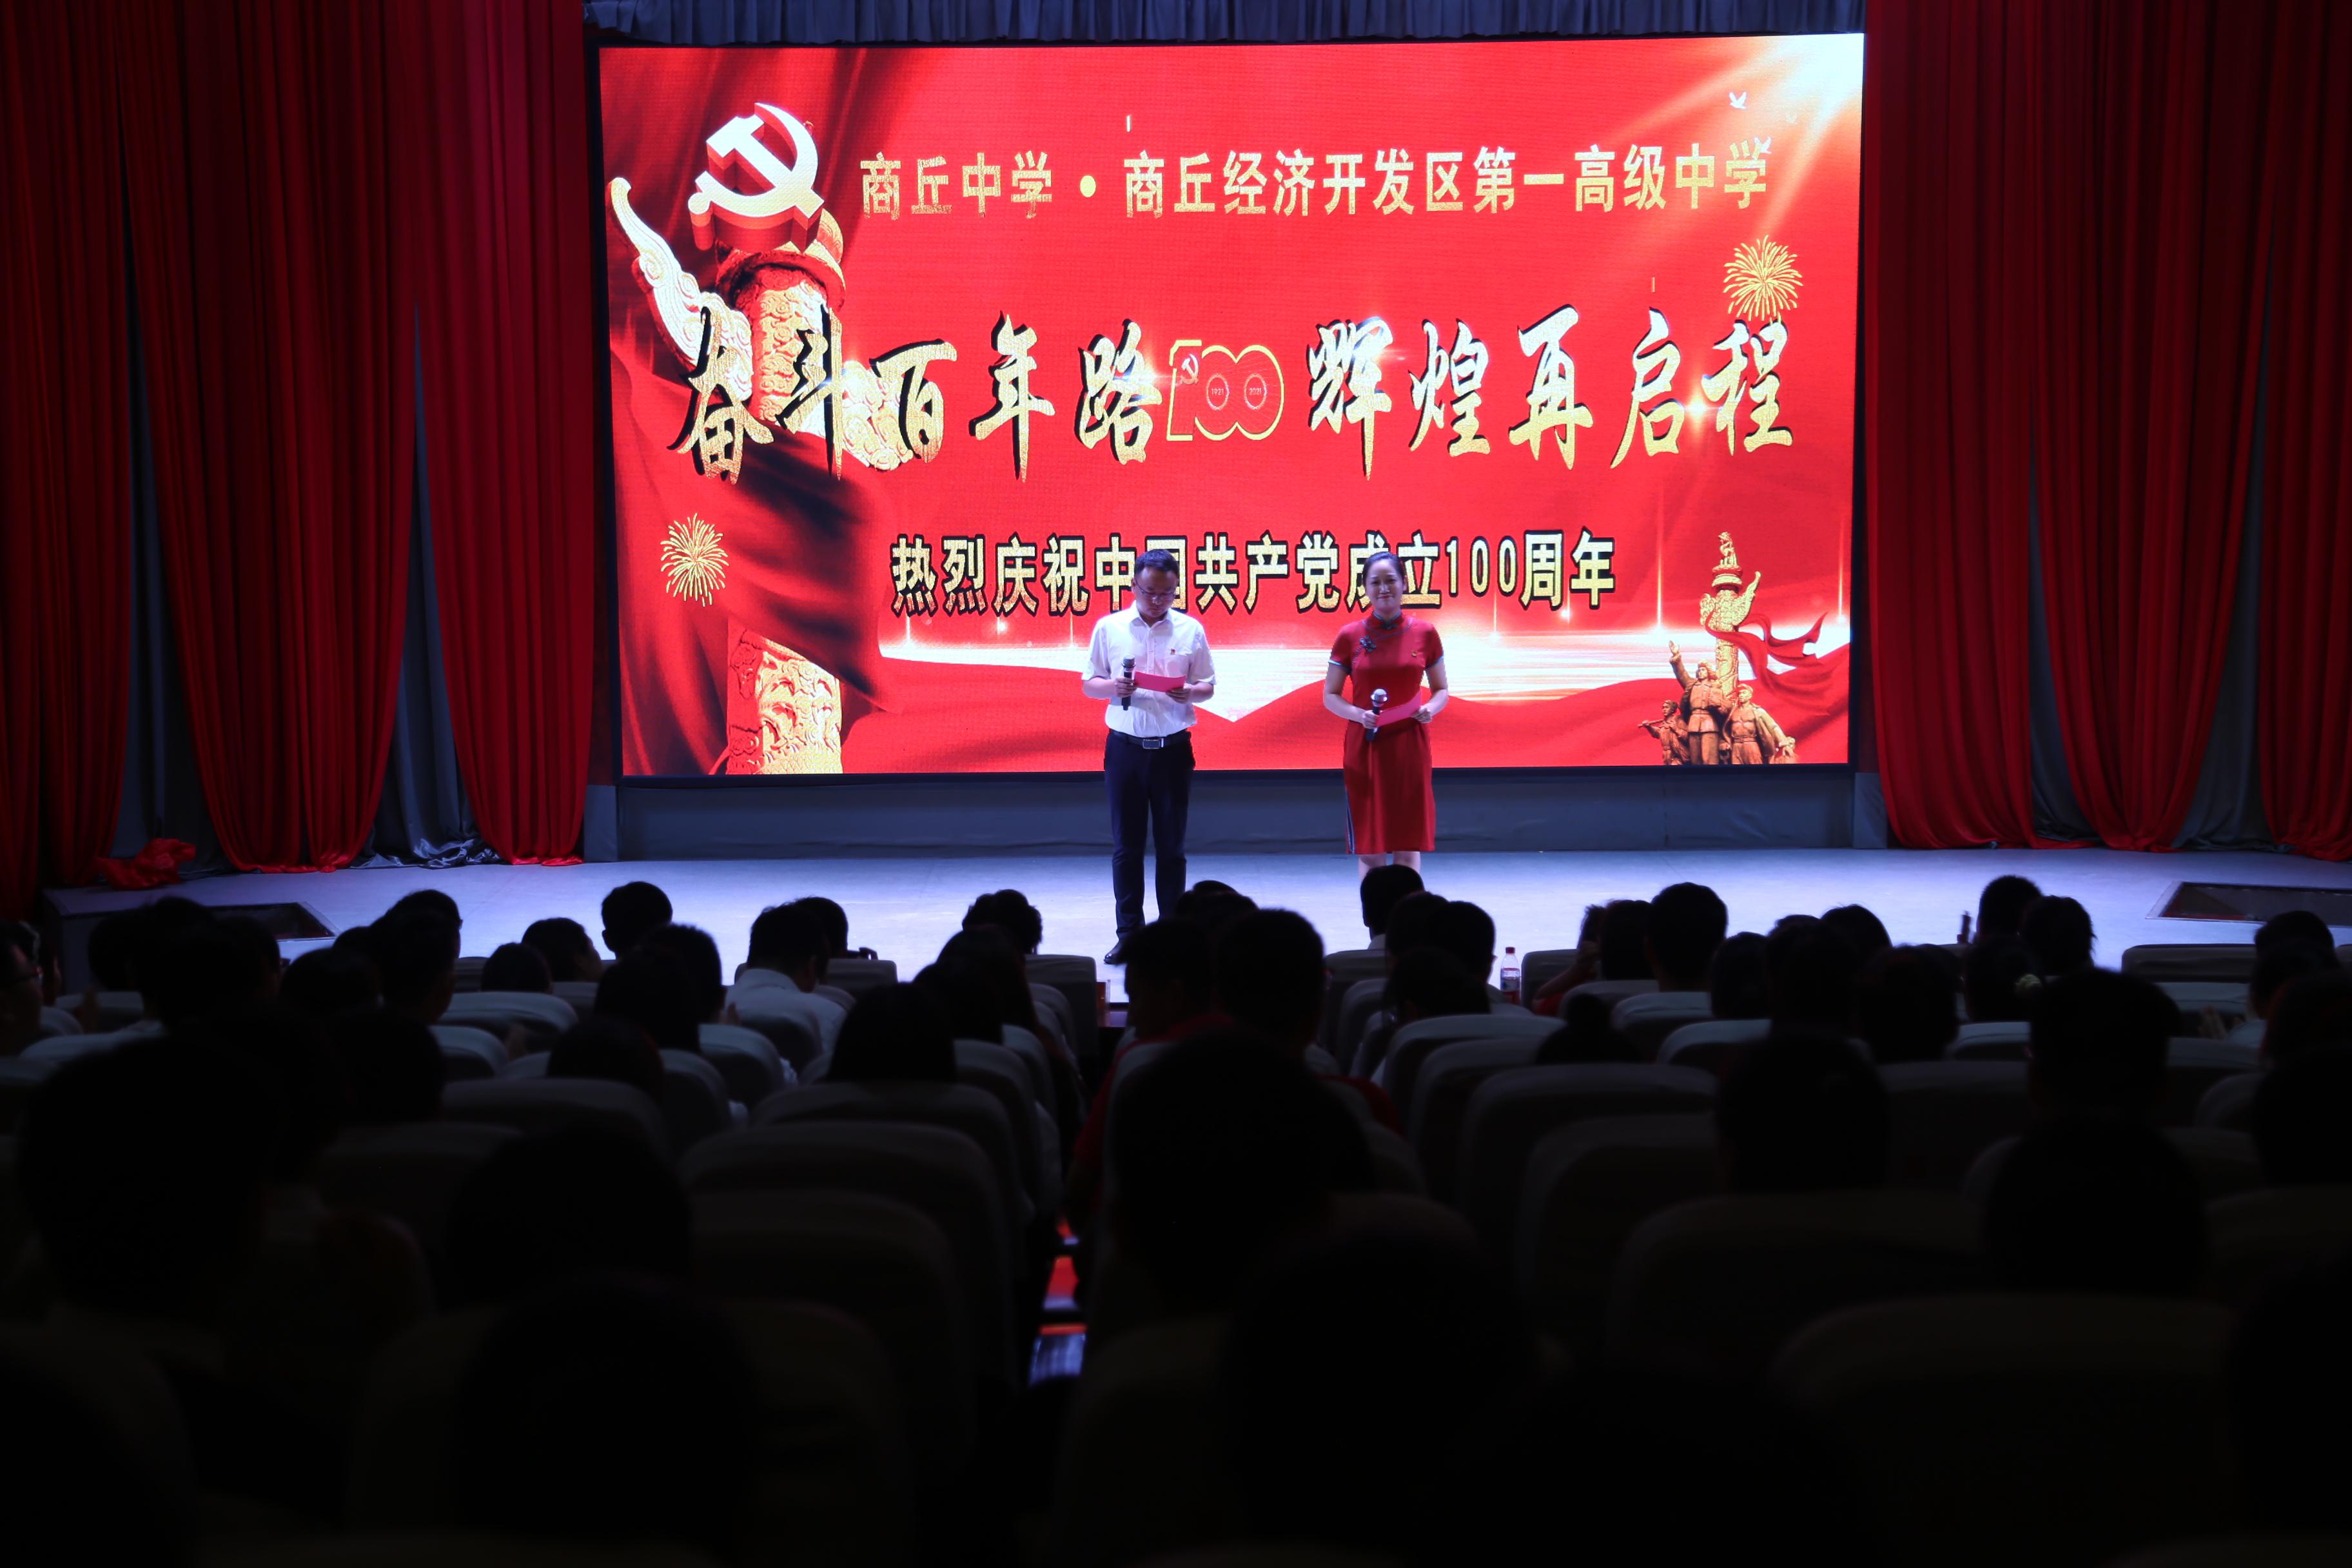 【奋斗百年路 辉煌再启程】商丘中学举行庆祝建党100周年文艺汇演